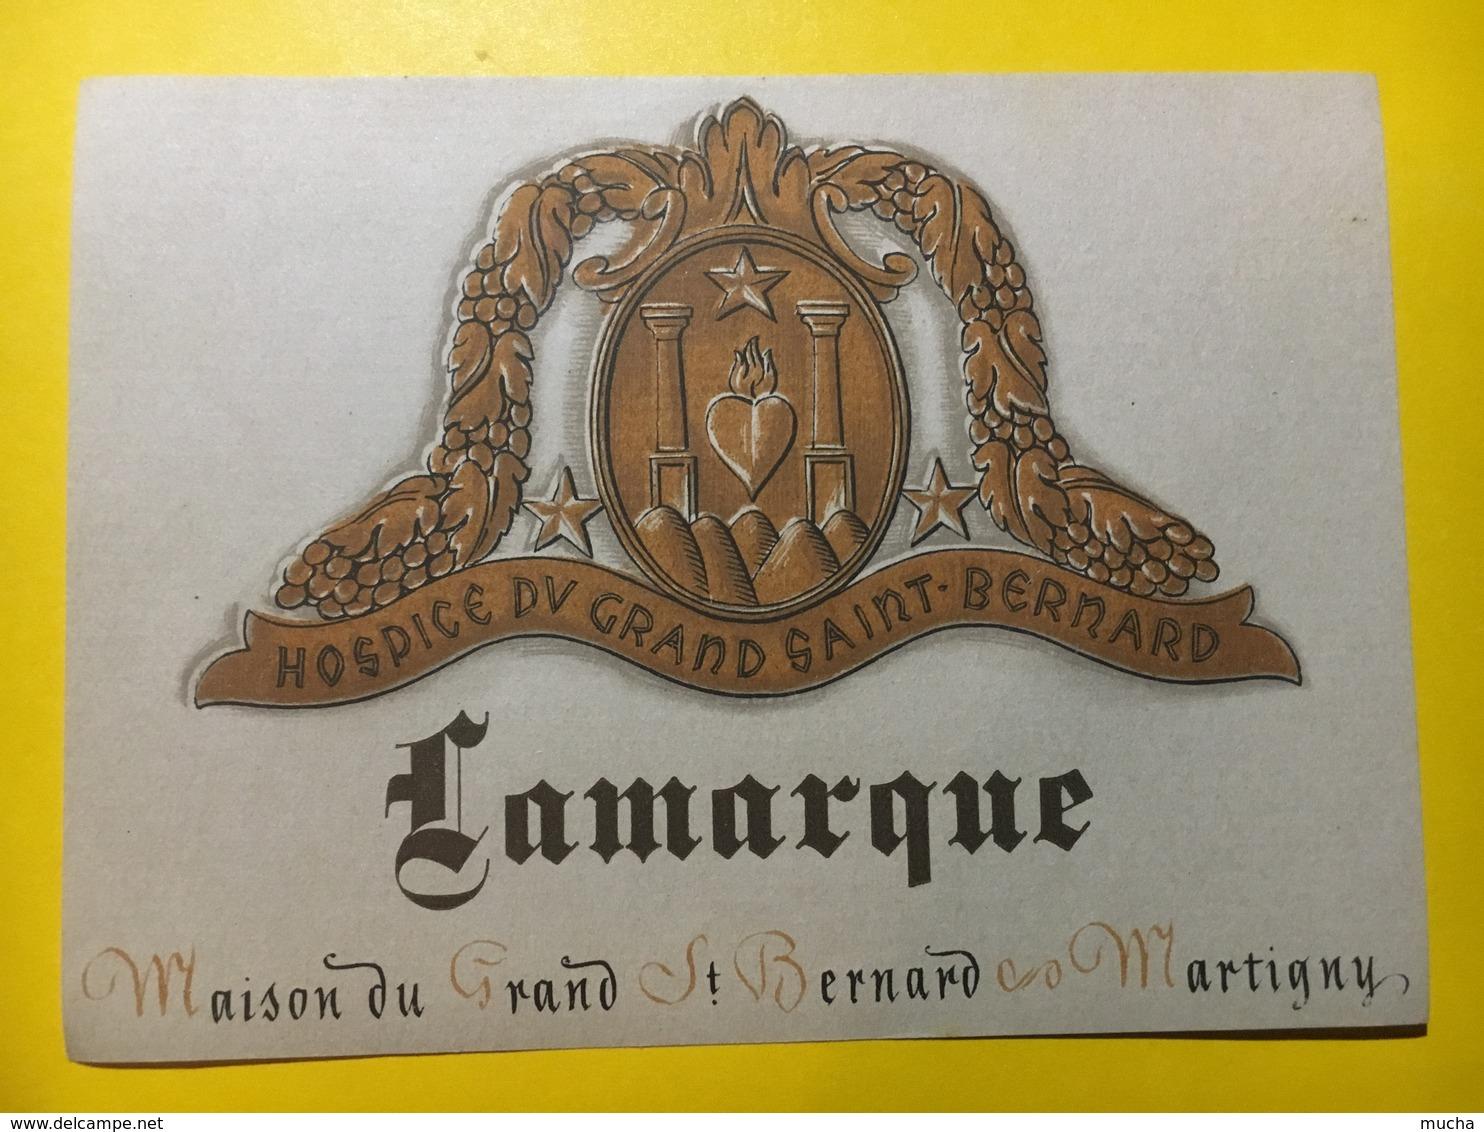 6551- Hospice Du Grand-Saint-Bernard Lamarque Martigny Suisse - Etiquettes